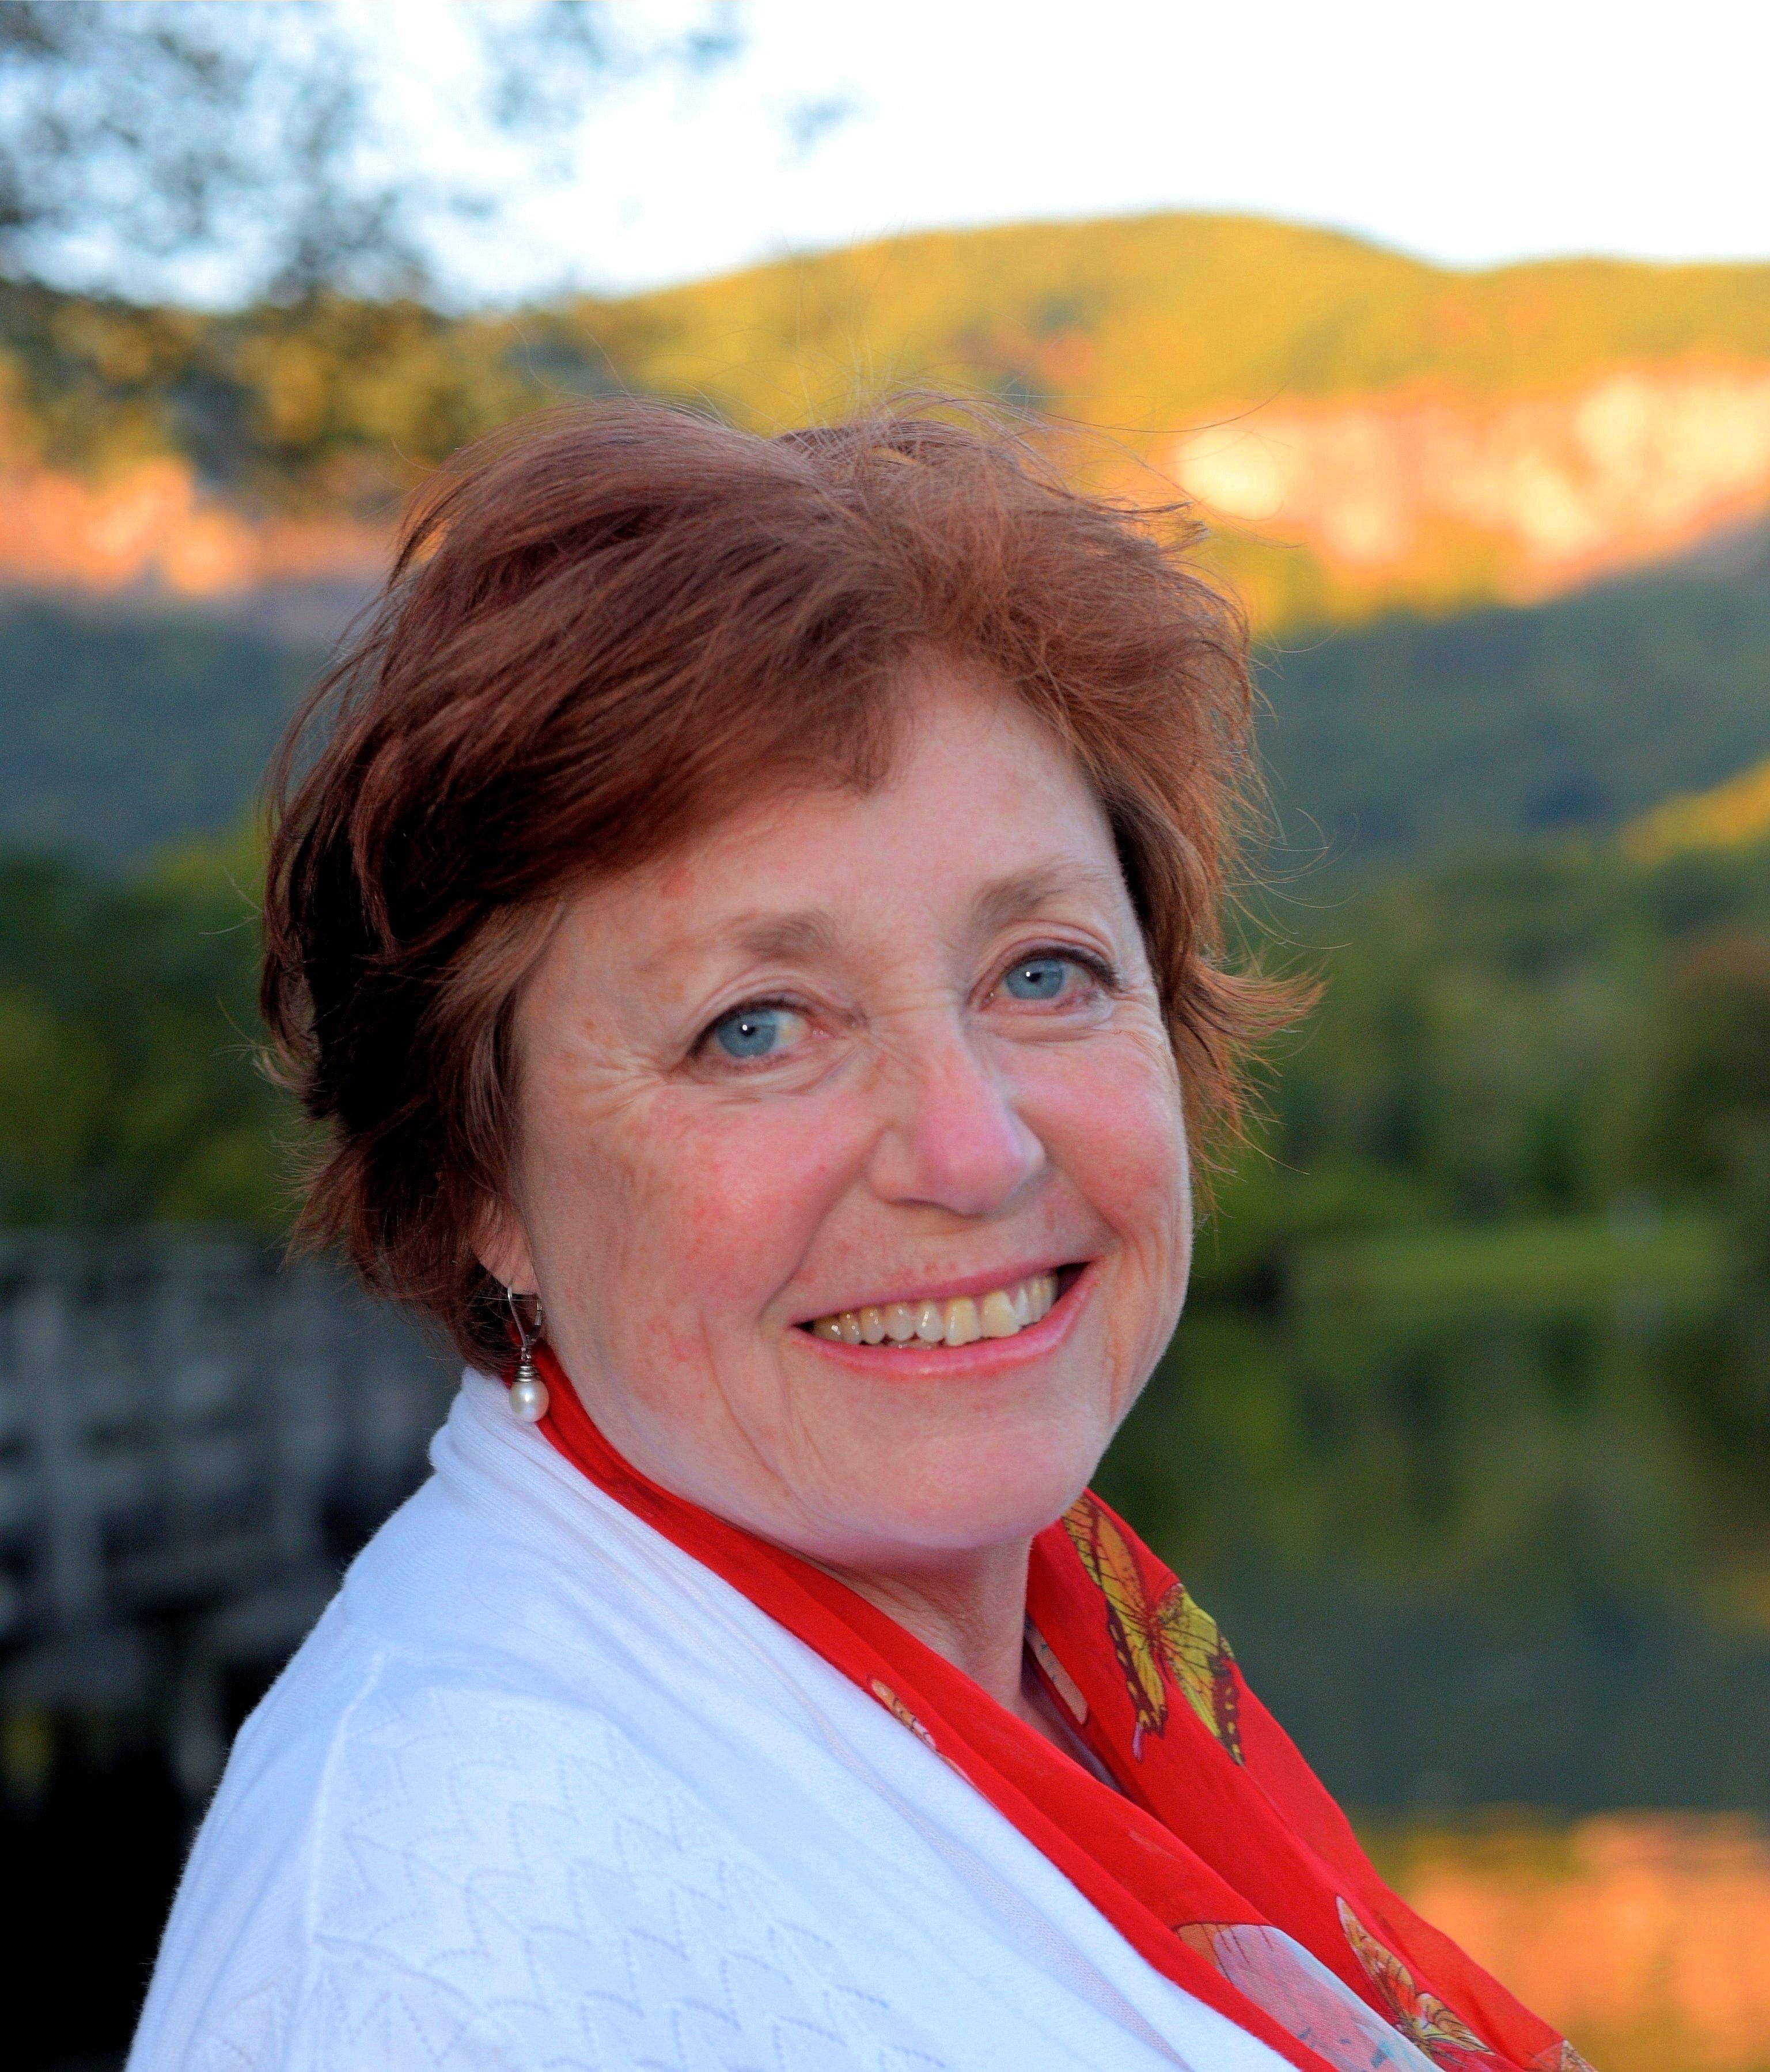 Joelle van den Berg, DK Professionals Realty